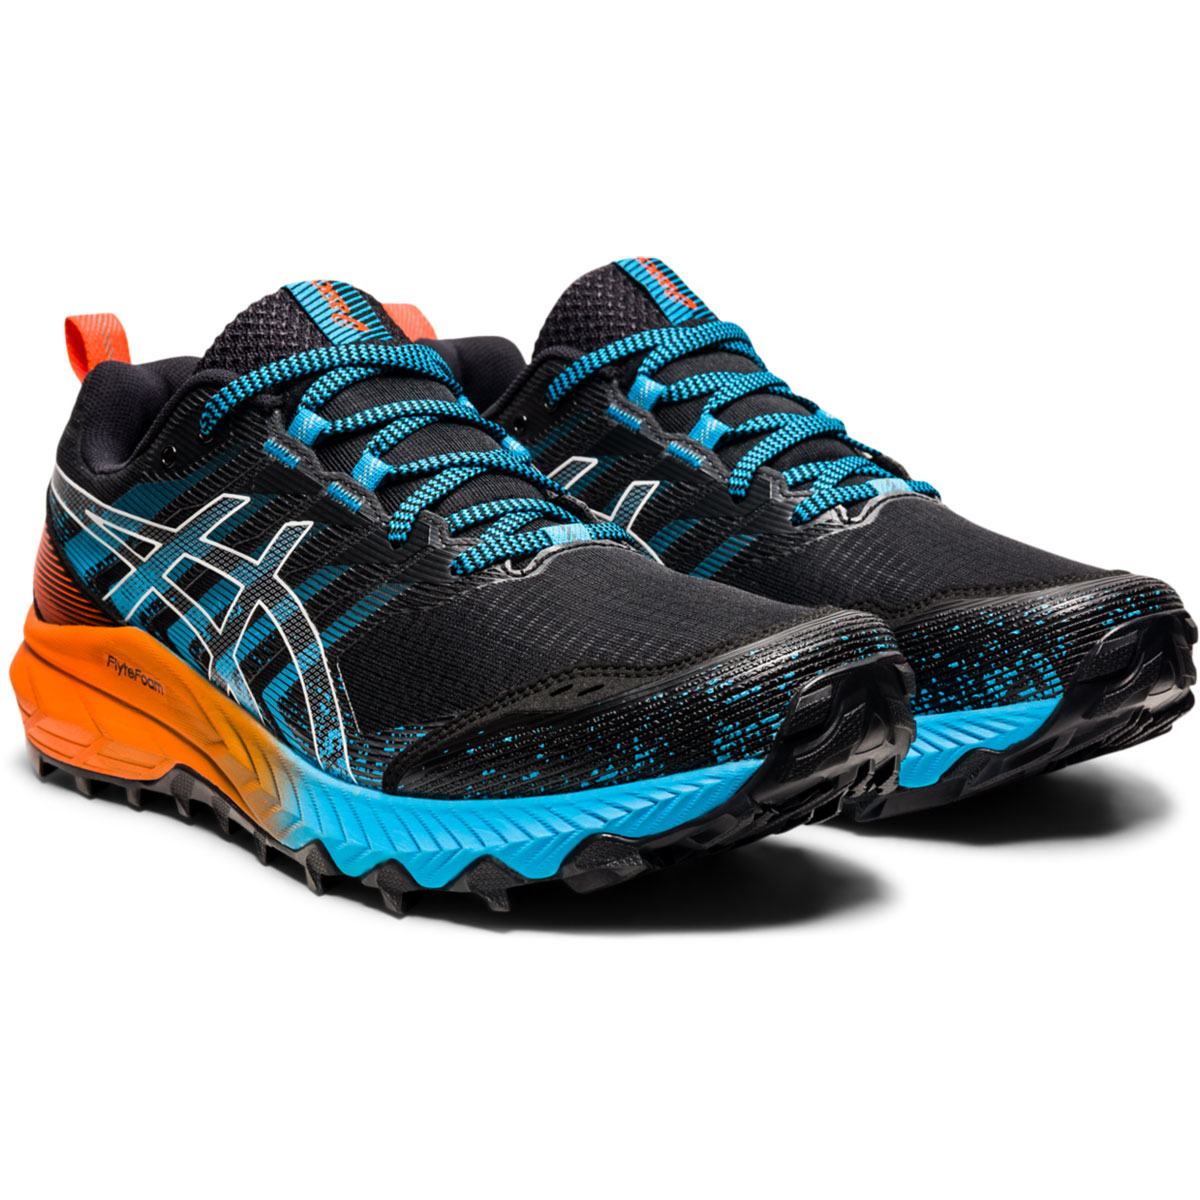 Men's Asics Gel-Trabuco 9 Running Shoe - Color: Orange/Blue/Black - Size: 7 - Width: Regular, Orange/Blue/Black, large, image 4